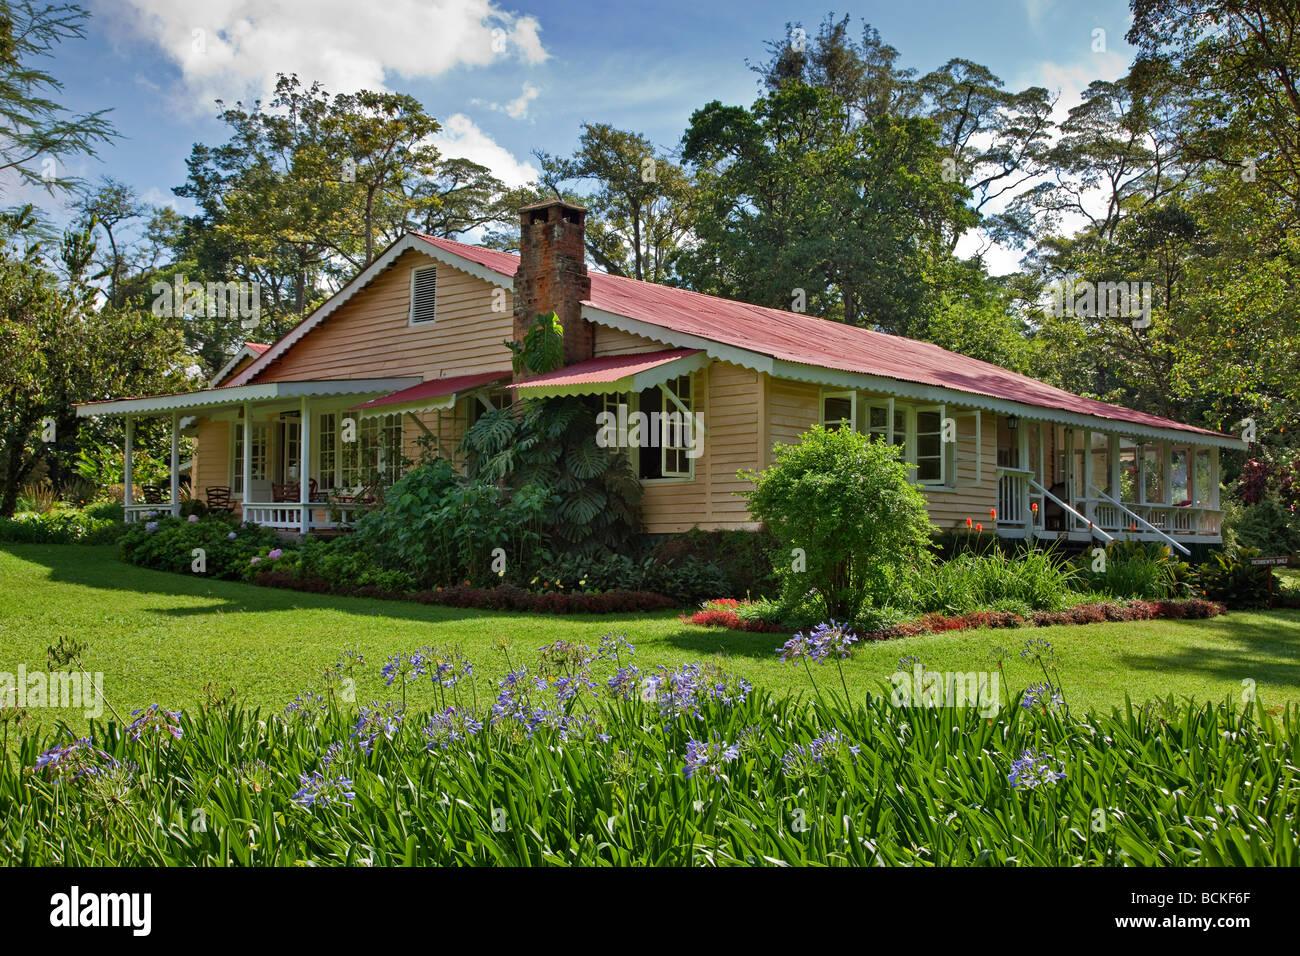 Kenya. El edificio principal de Rondo Retreat situado en unos bonitos jardines, en la selva tropical de Kakamega, Kenia occidental. Foto de stock